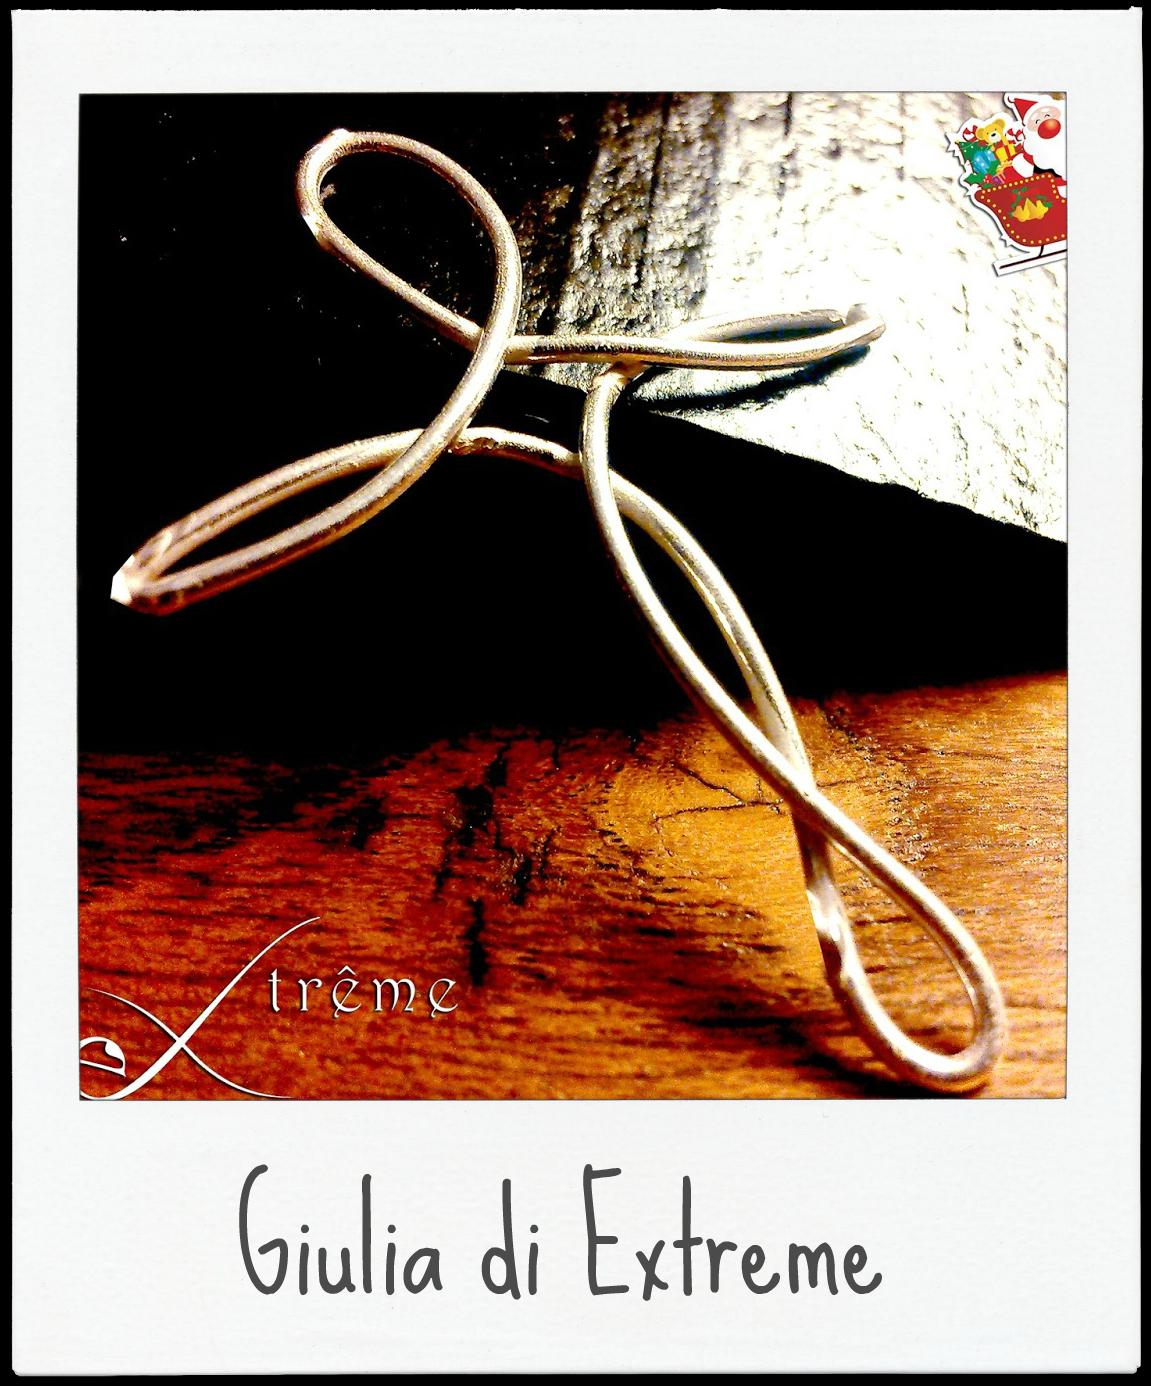 http://extreme-cerapersa.blogspot.it/2014/12/ankh-il-ciondolo-della-nascita-e-della-vita.html